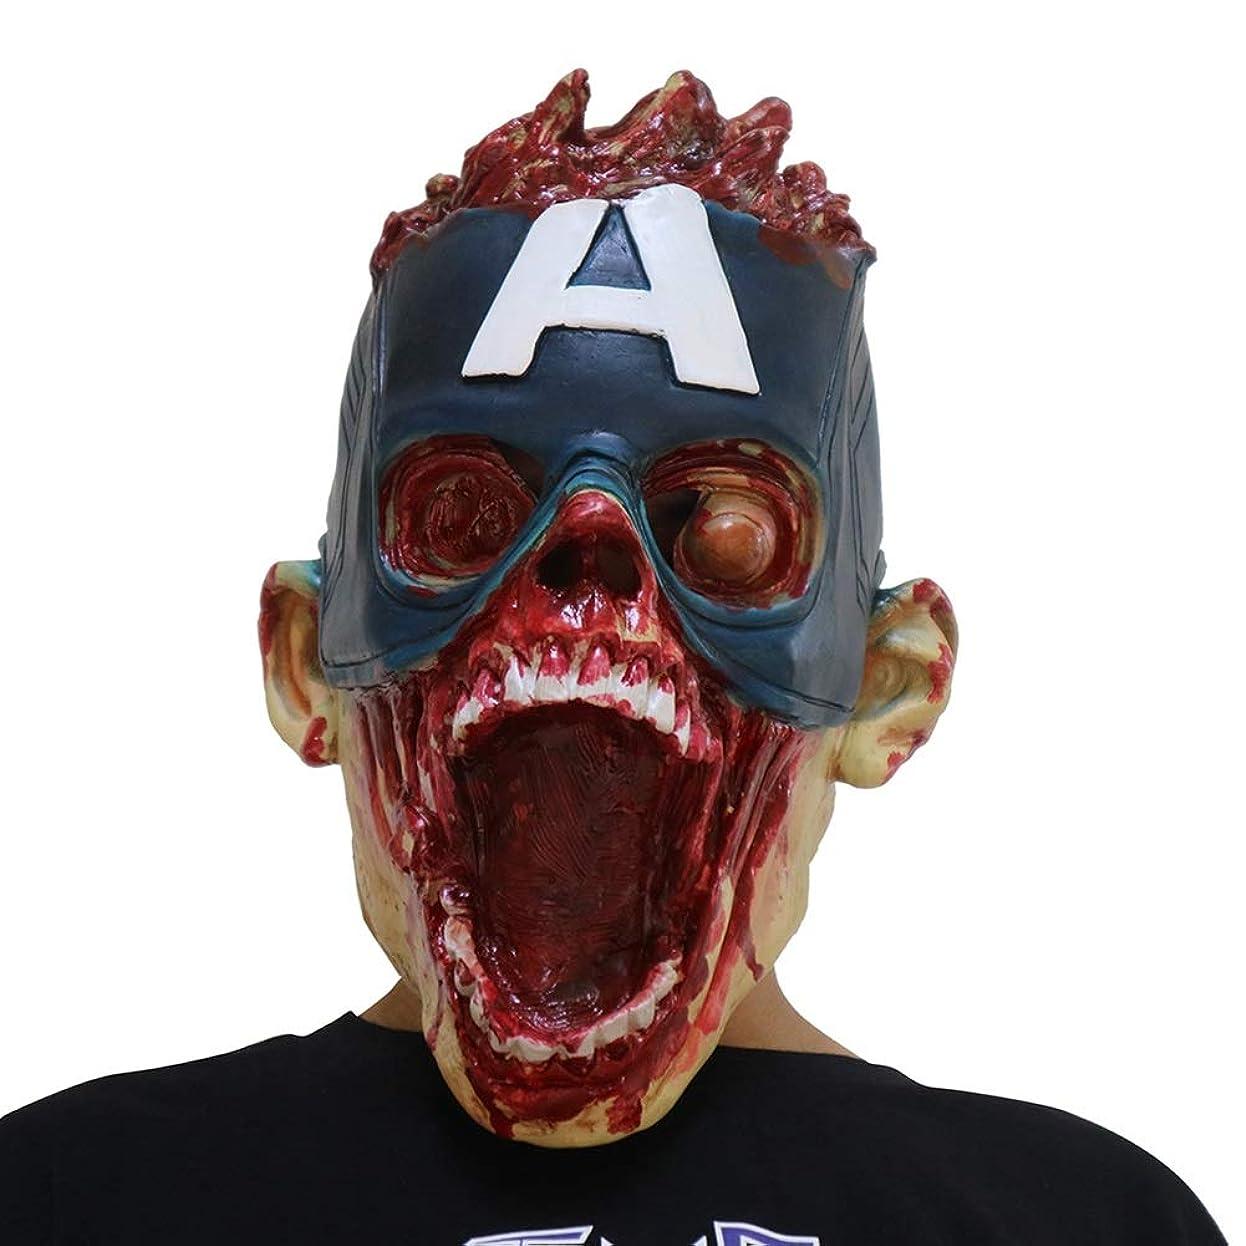 アジャ風景別のハロウィーンホラーマスク、キャプテンアメリカヘッドマスク、クリエイティブデビルマスク、ラテックスVizardマスク、コスチュームプロップトカゲマスク